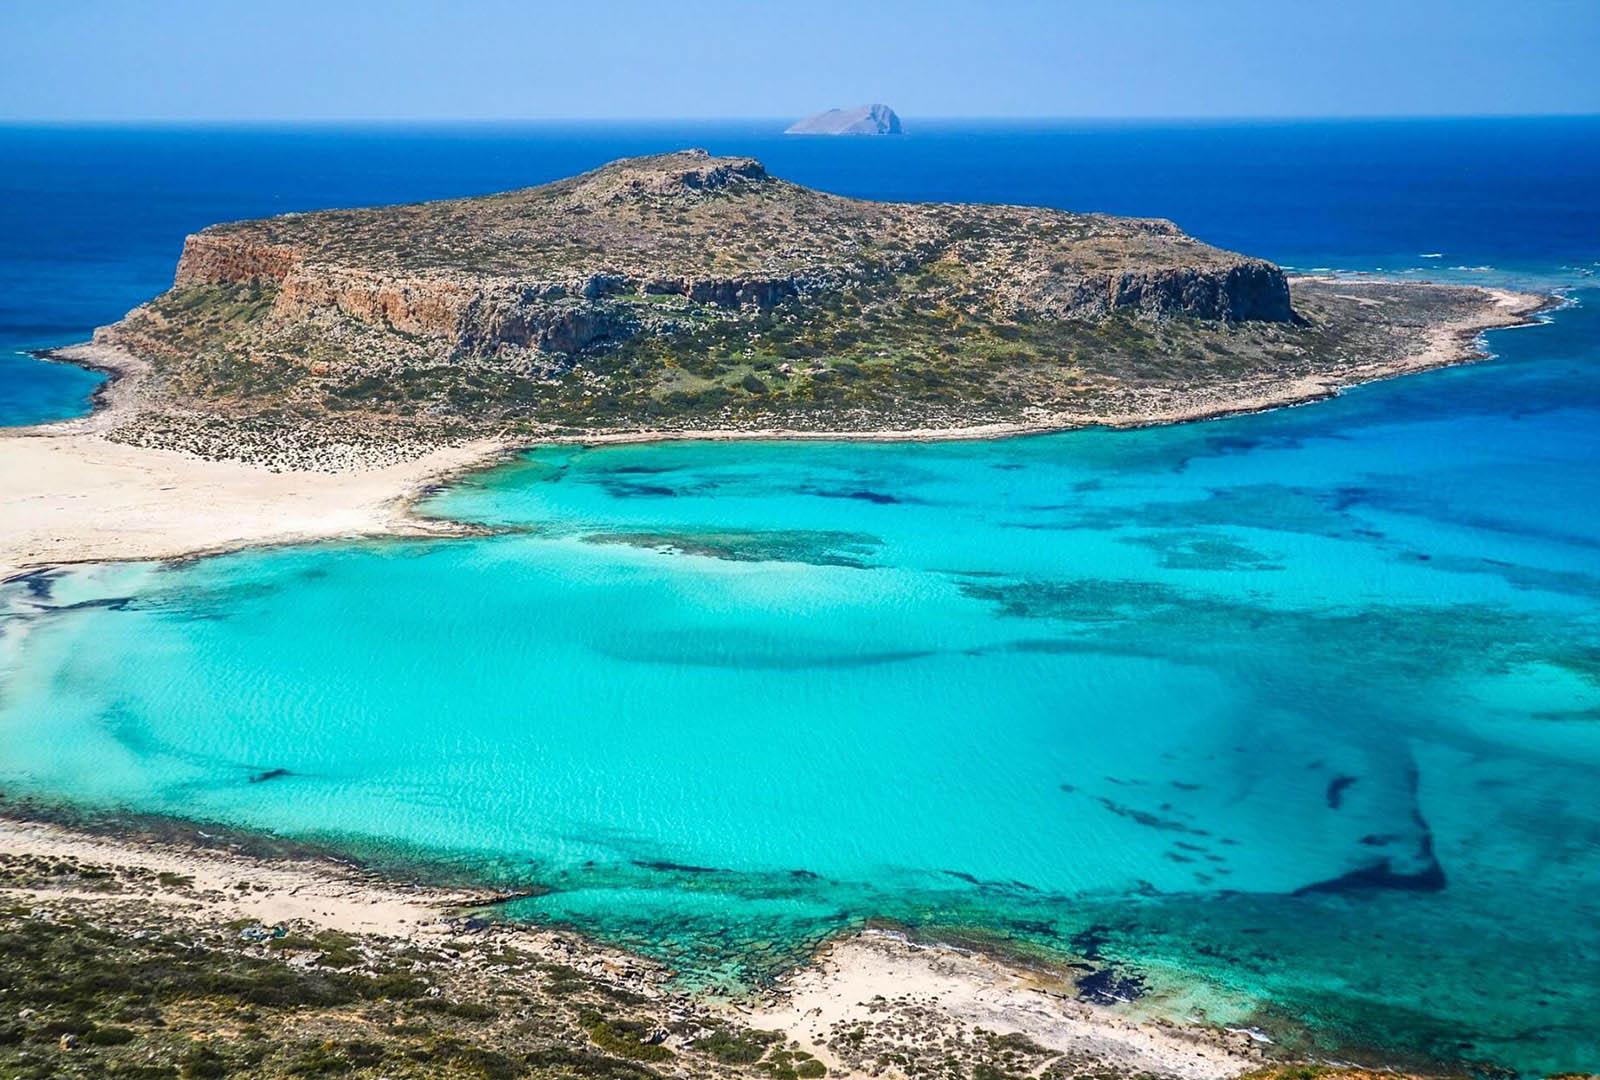 παραλίες και αξιοθέατα στα χανια - Tarra Hotel Γεωργιούπολη Κρήτη